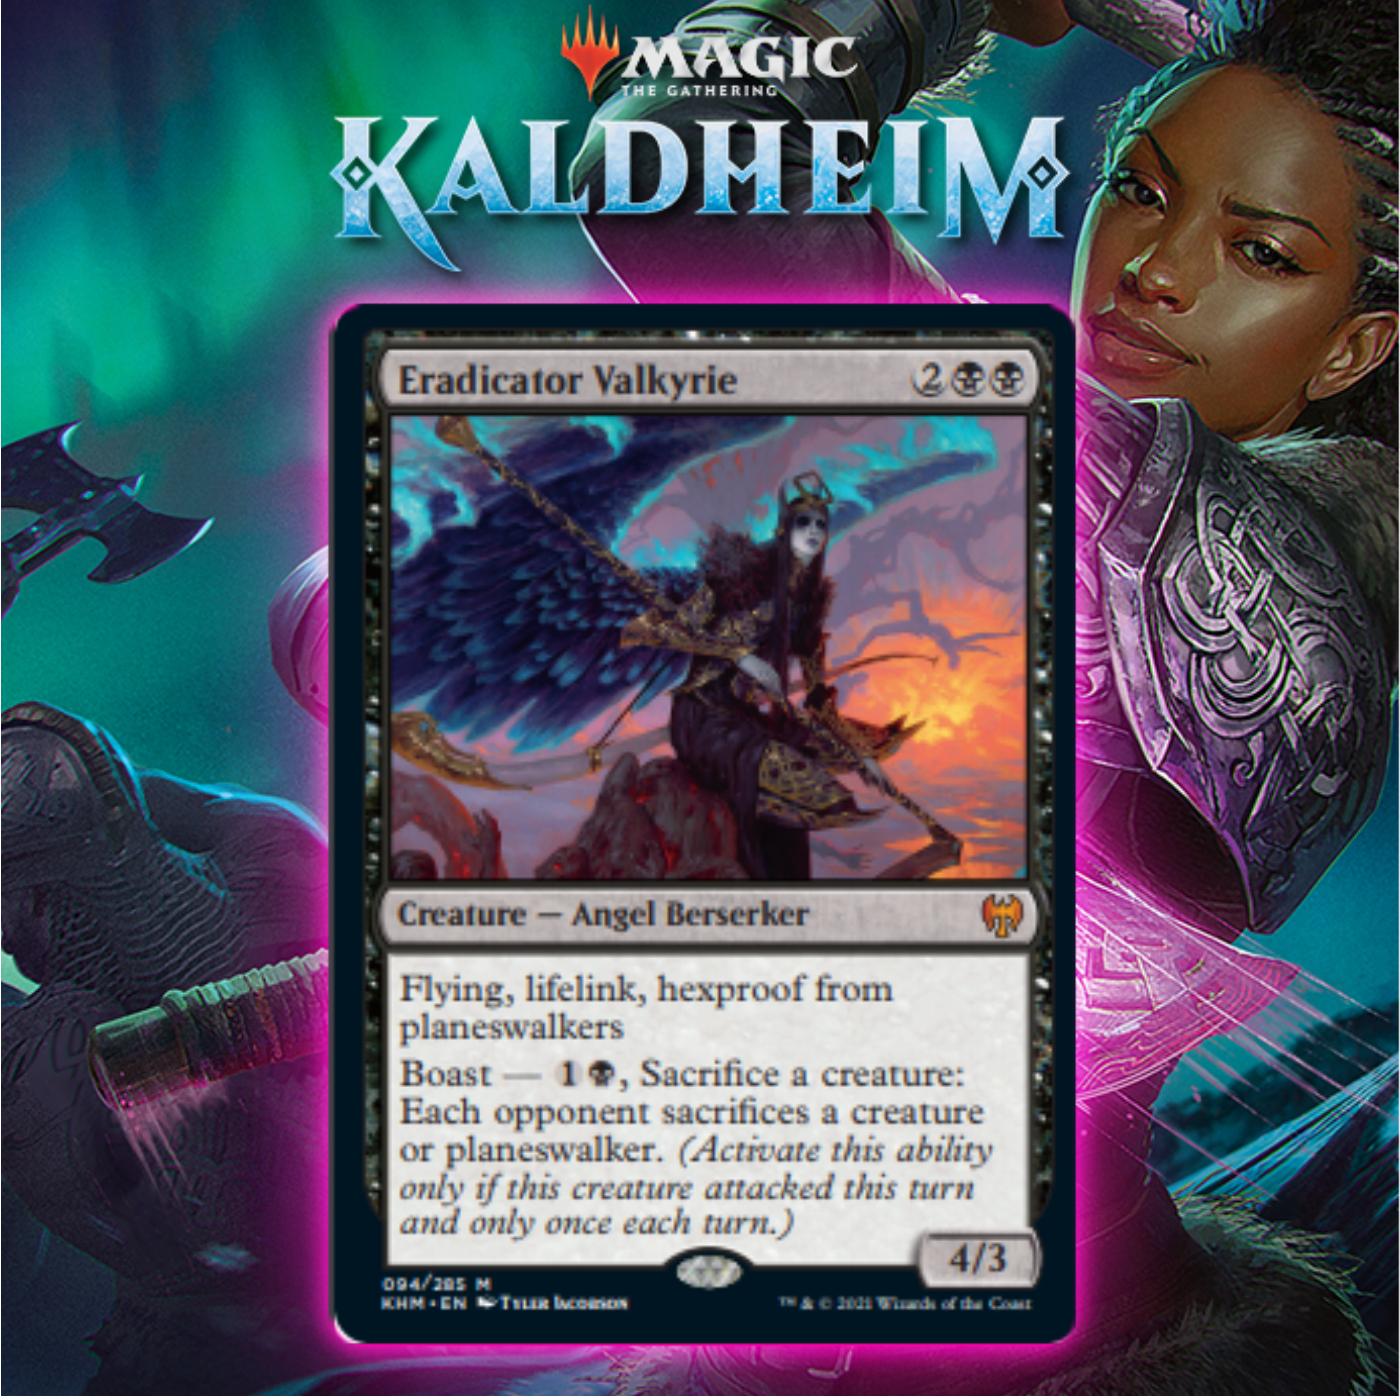 Black Gets Mythic Angel In Eradicator Valkyrie In Kaldheim